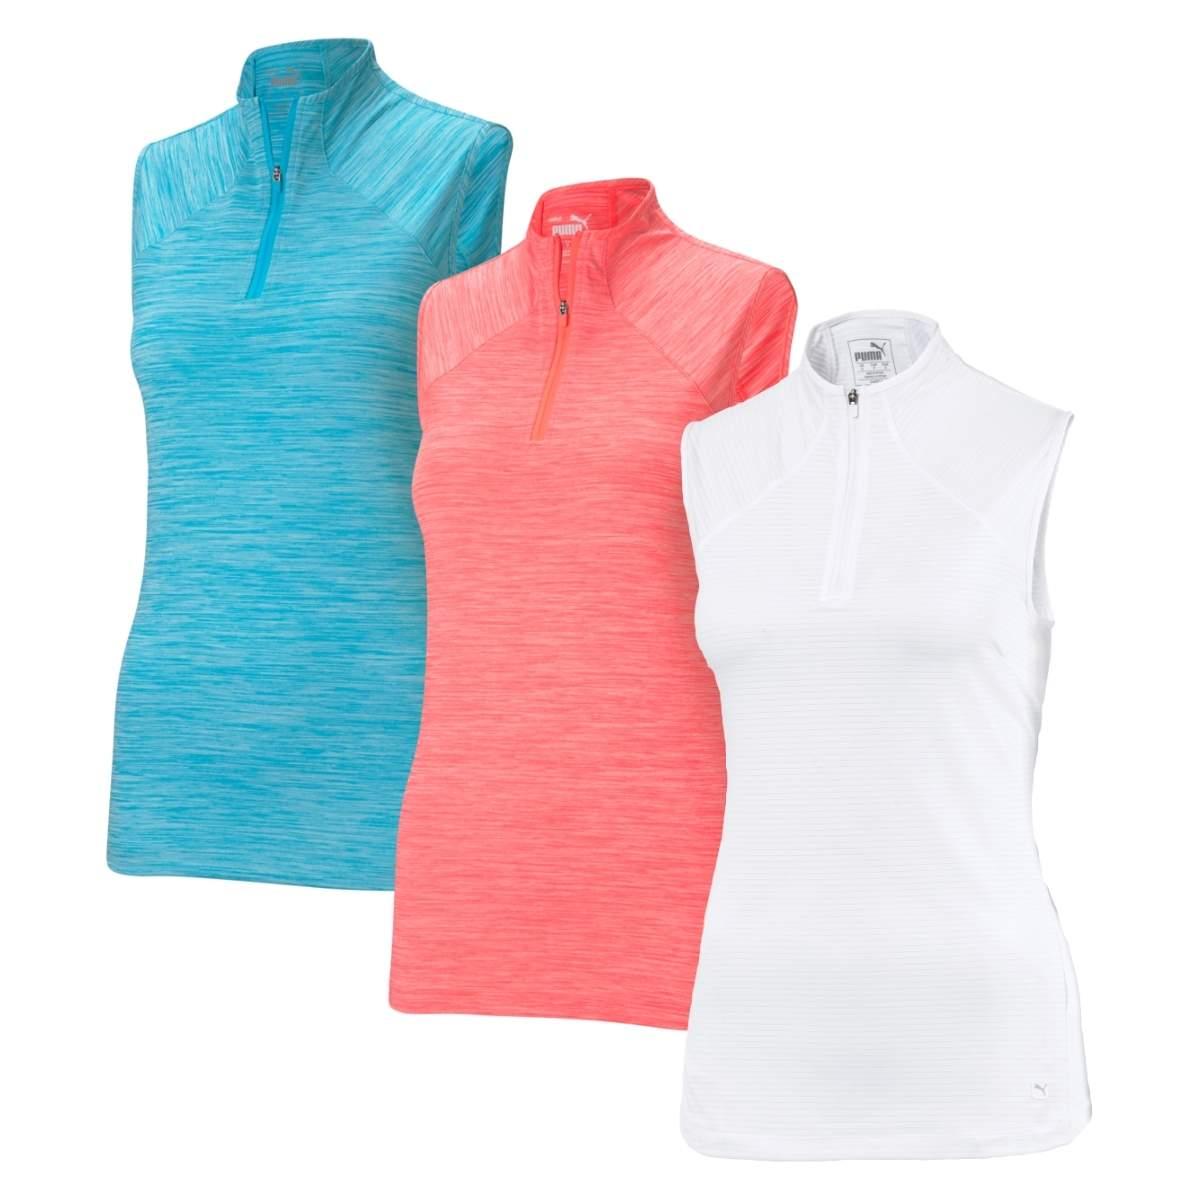 Puma Women's 2021 Daily Mockneck Sleeveless Polo